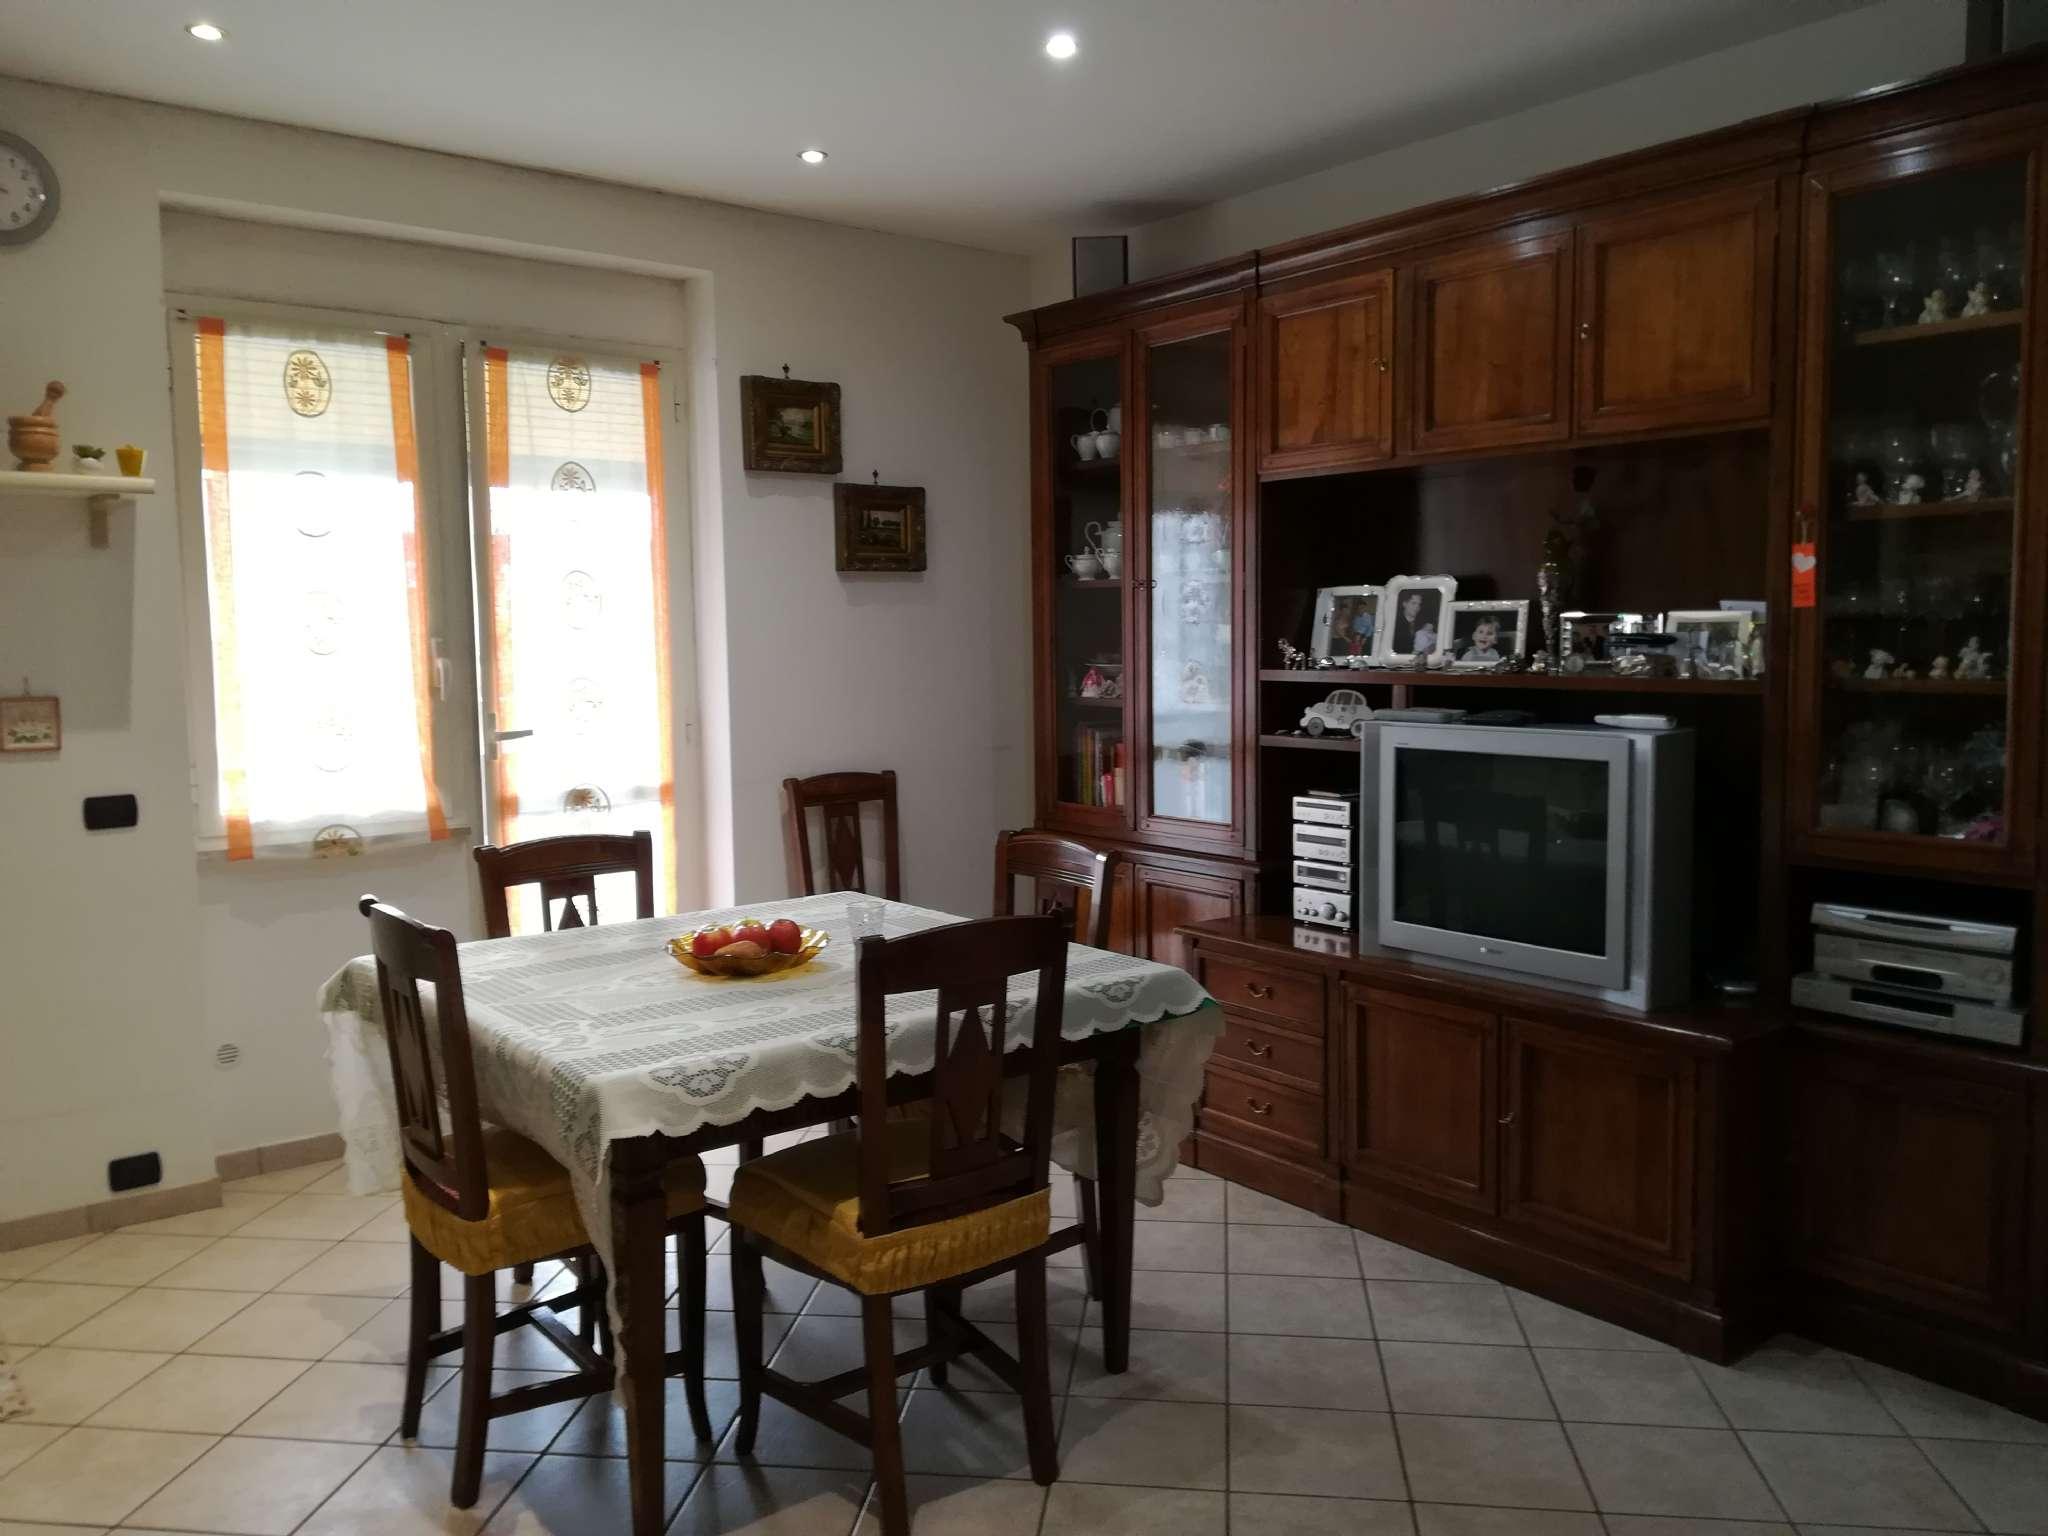 Appartamento ristrutturato in vendita Rif. 7849426